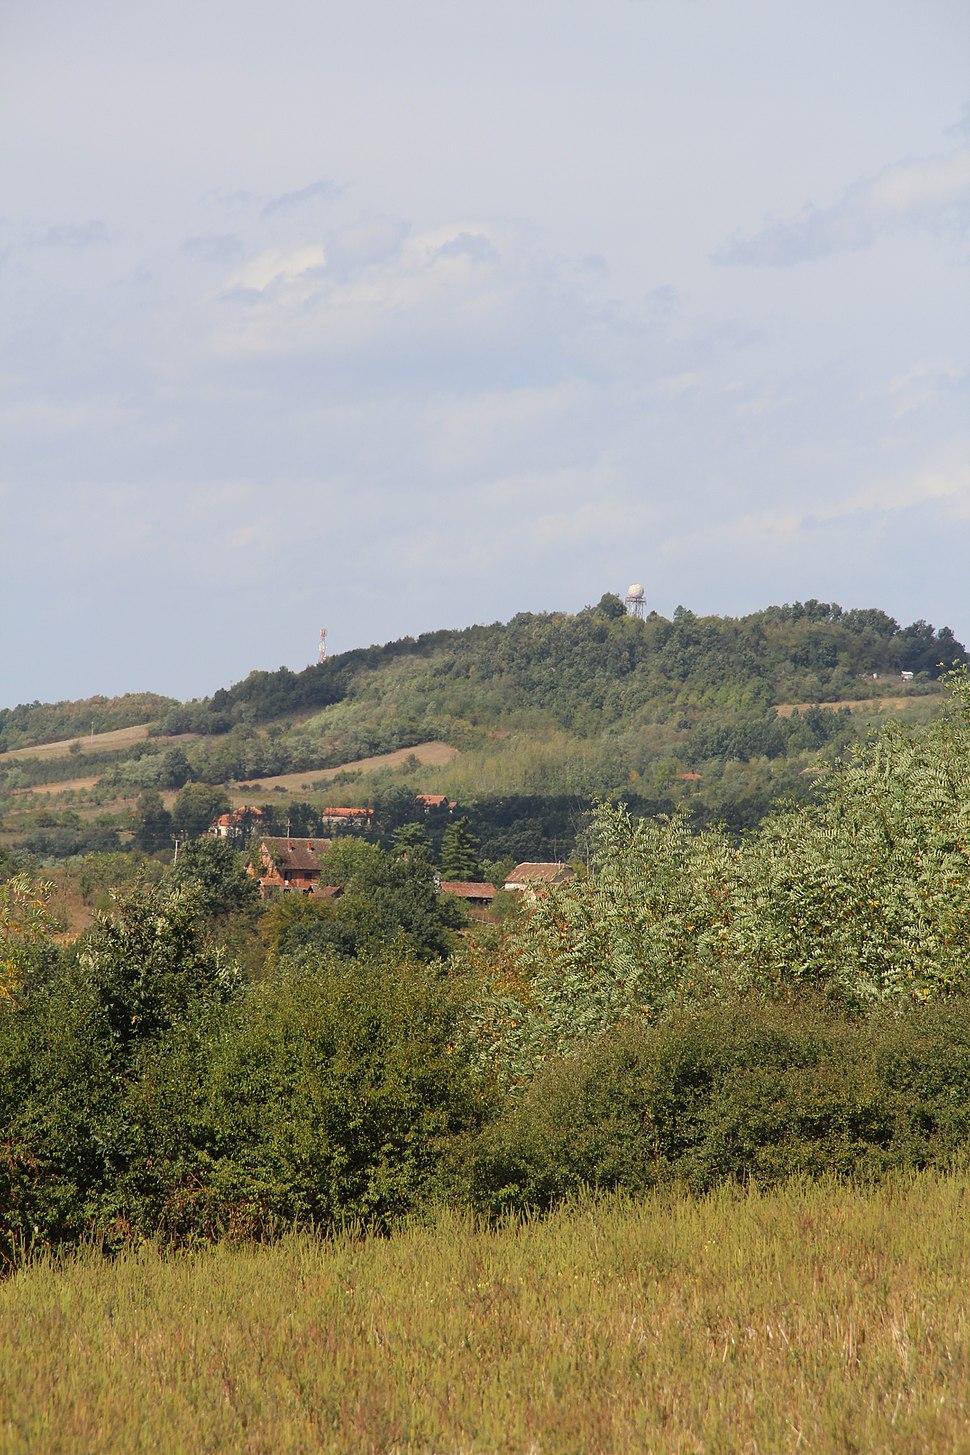 Selo Blizonje - opština Valjevo - zapadna Srbija - Panorama 9